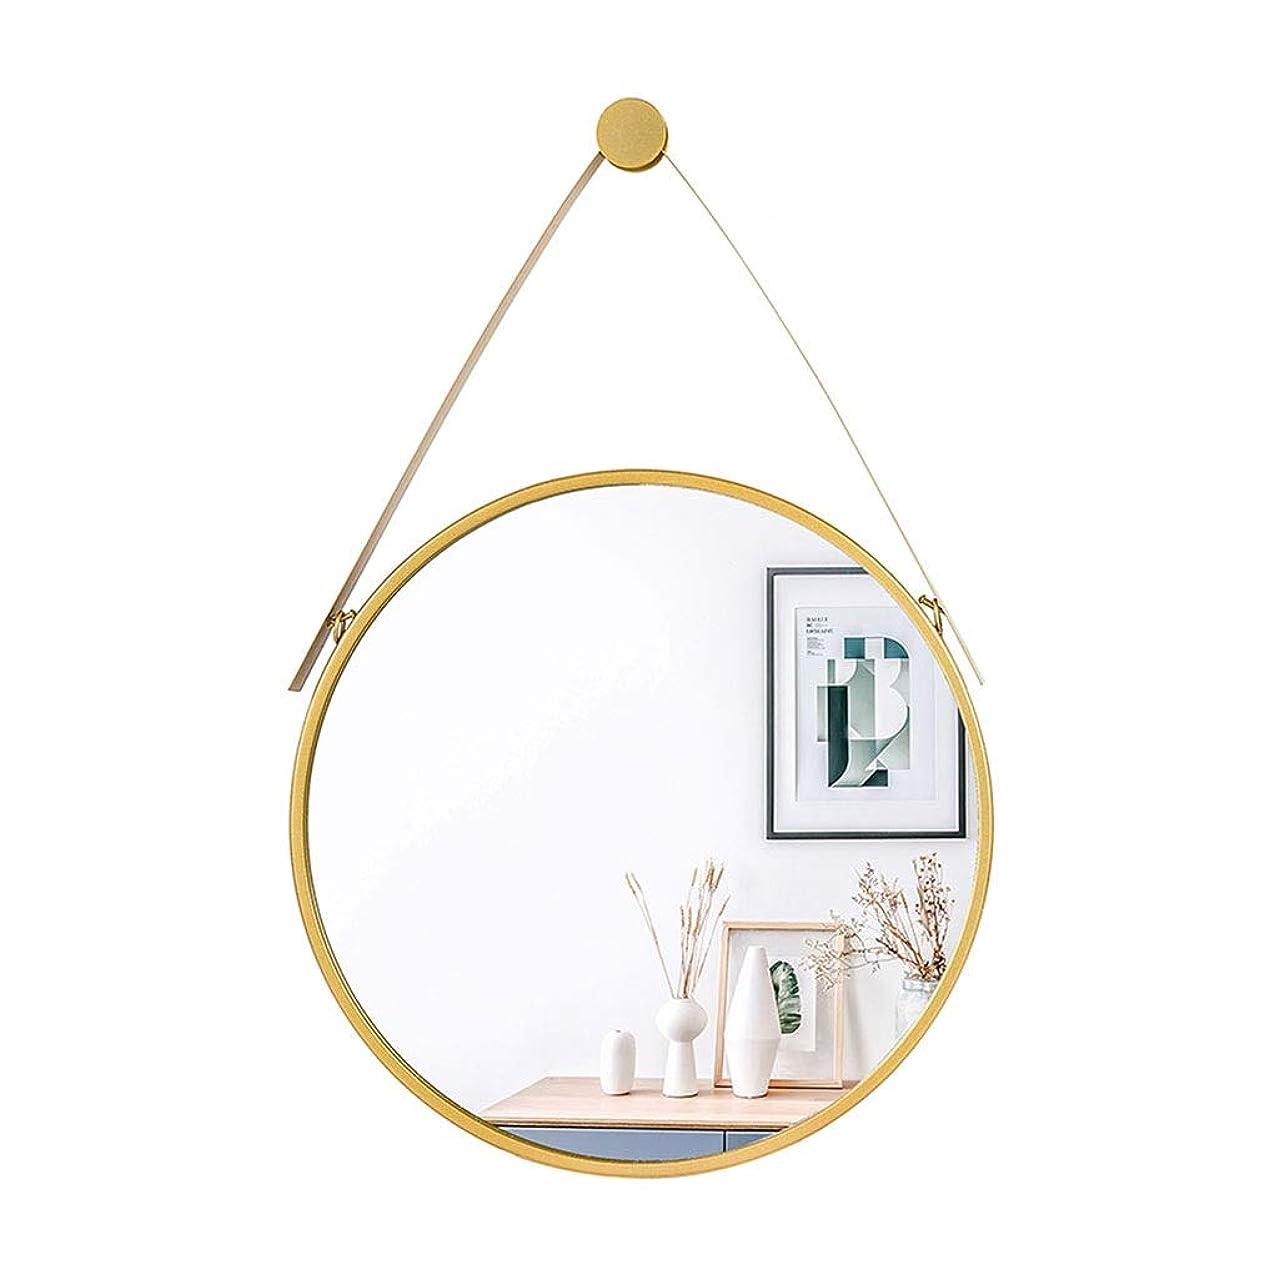 昆虫率直なセンサーミラーシンプルな化粧鏡壁掛け装飾HD虚栄心北欧スタイルプリンセスミラーパンチフリーガラスミラー (Color : GOLD, Size : 40*40CM)